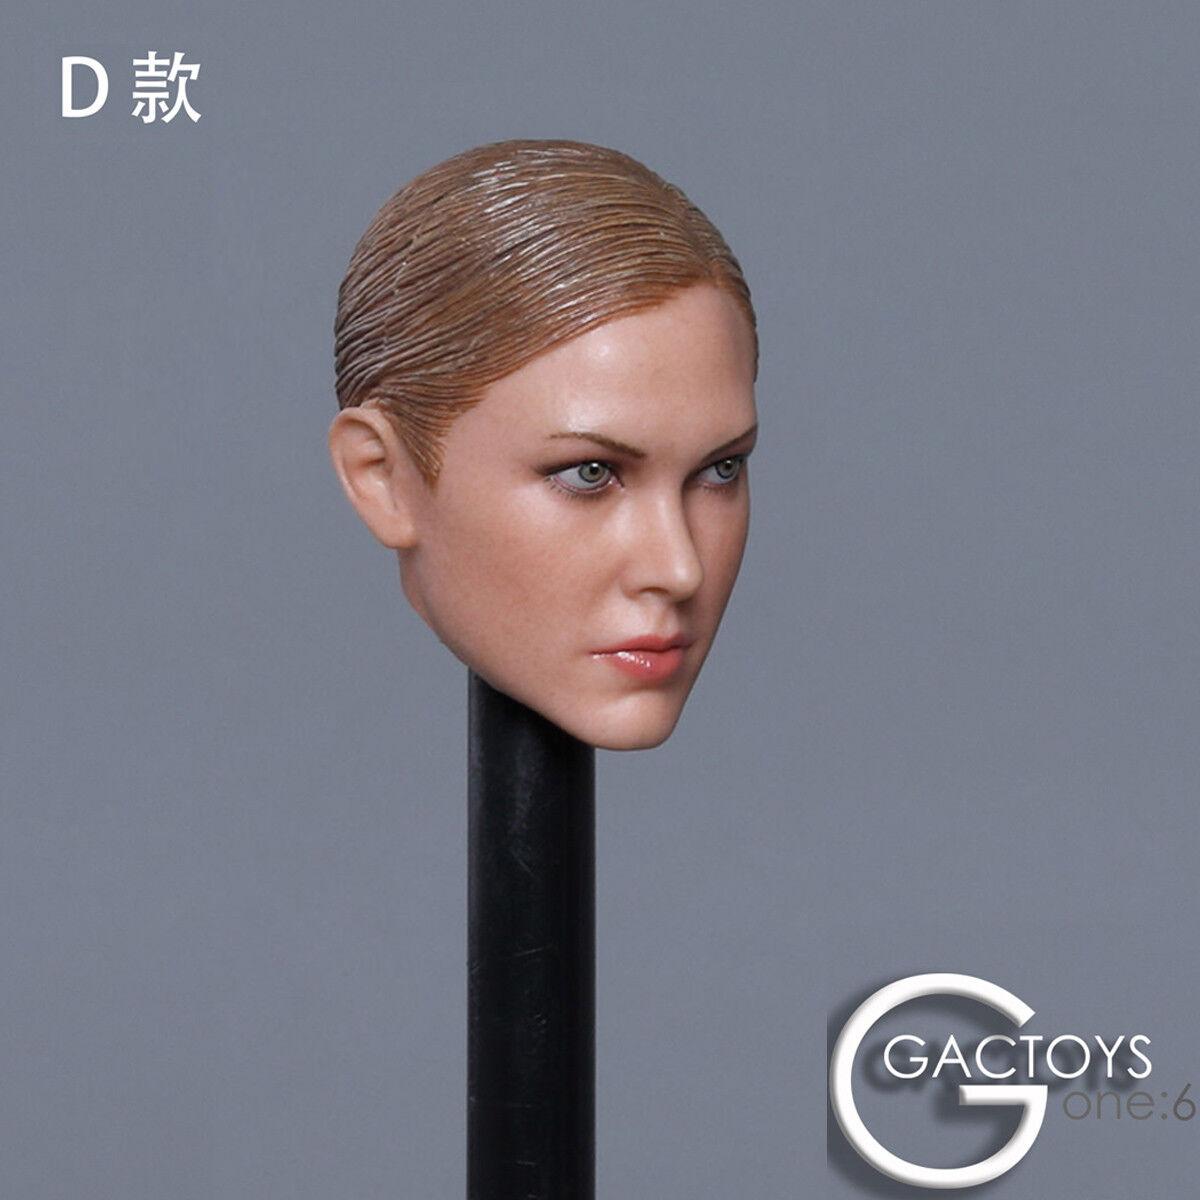 GACTOYS GC022D1 6 Scale Female Head Sculpt fit for 12  Action Figure